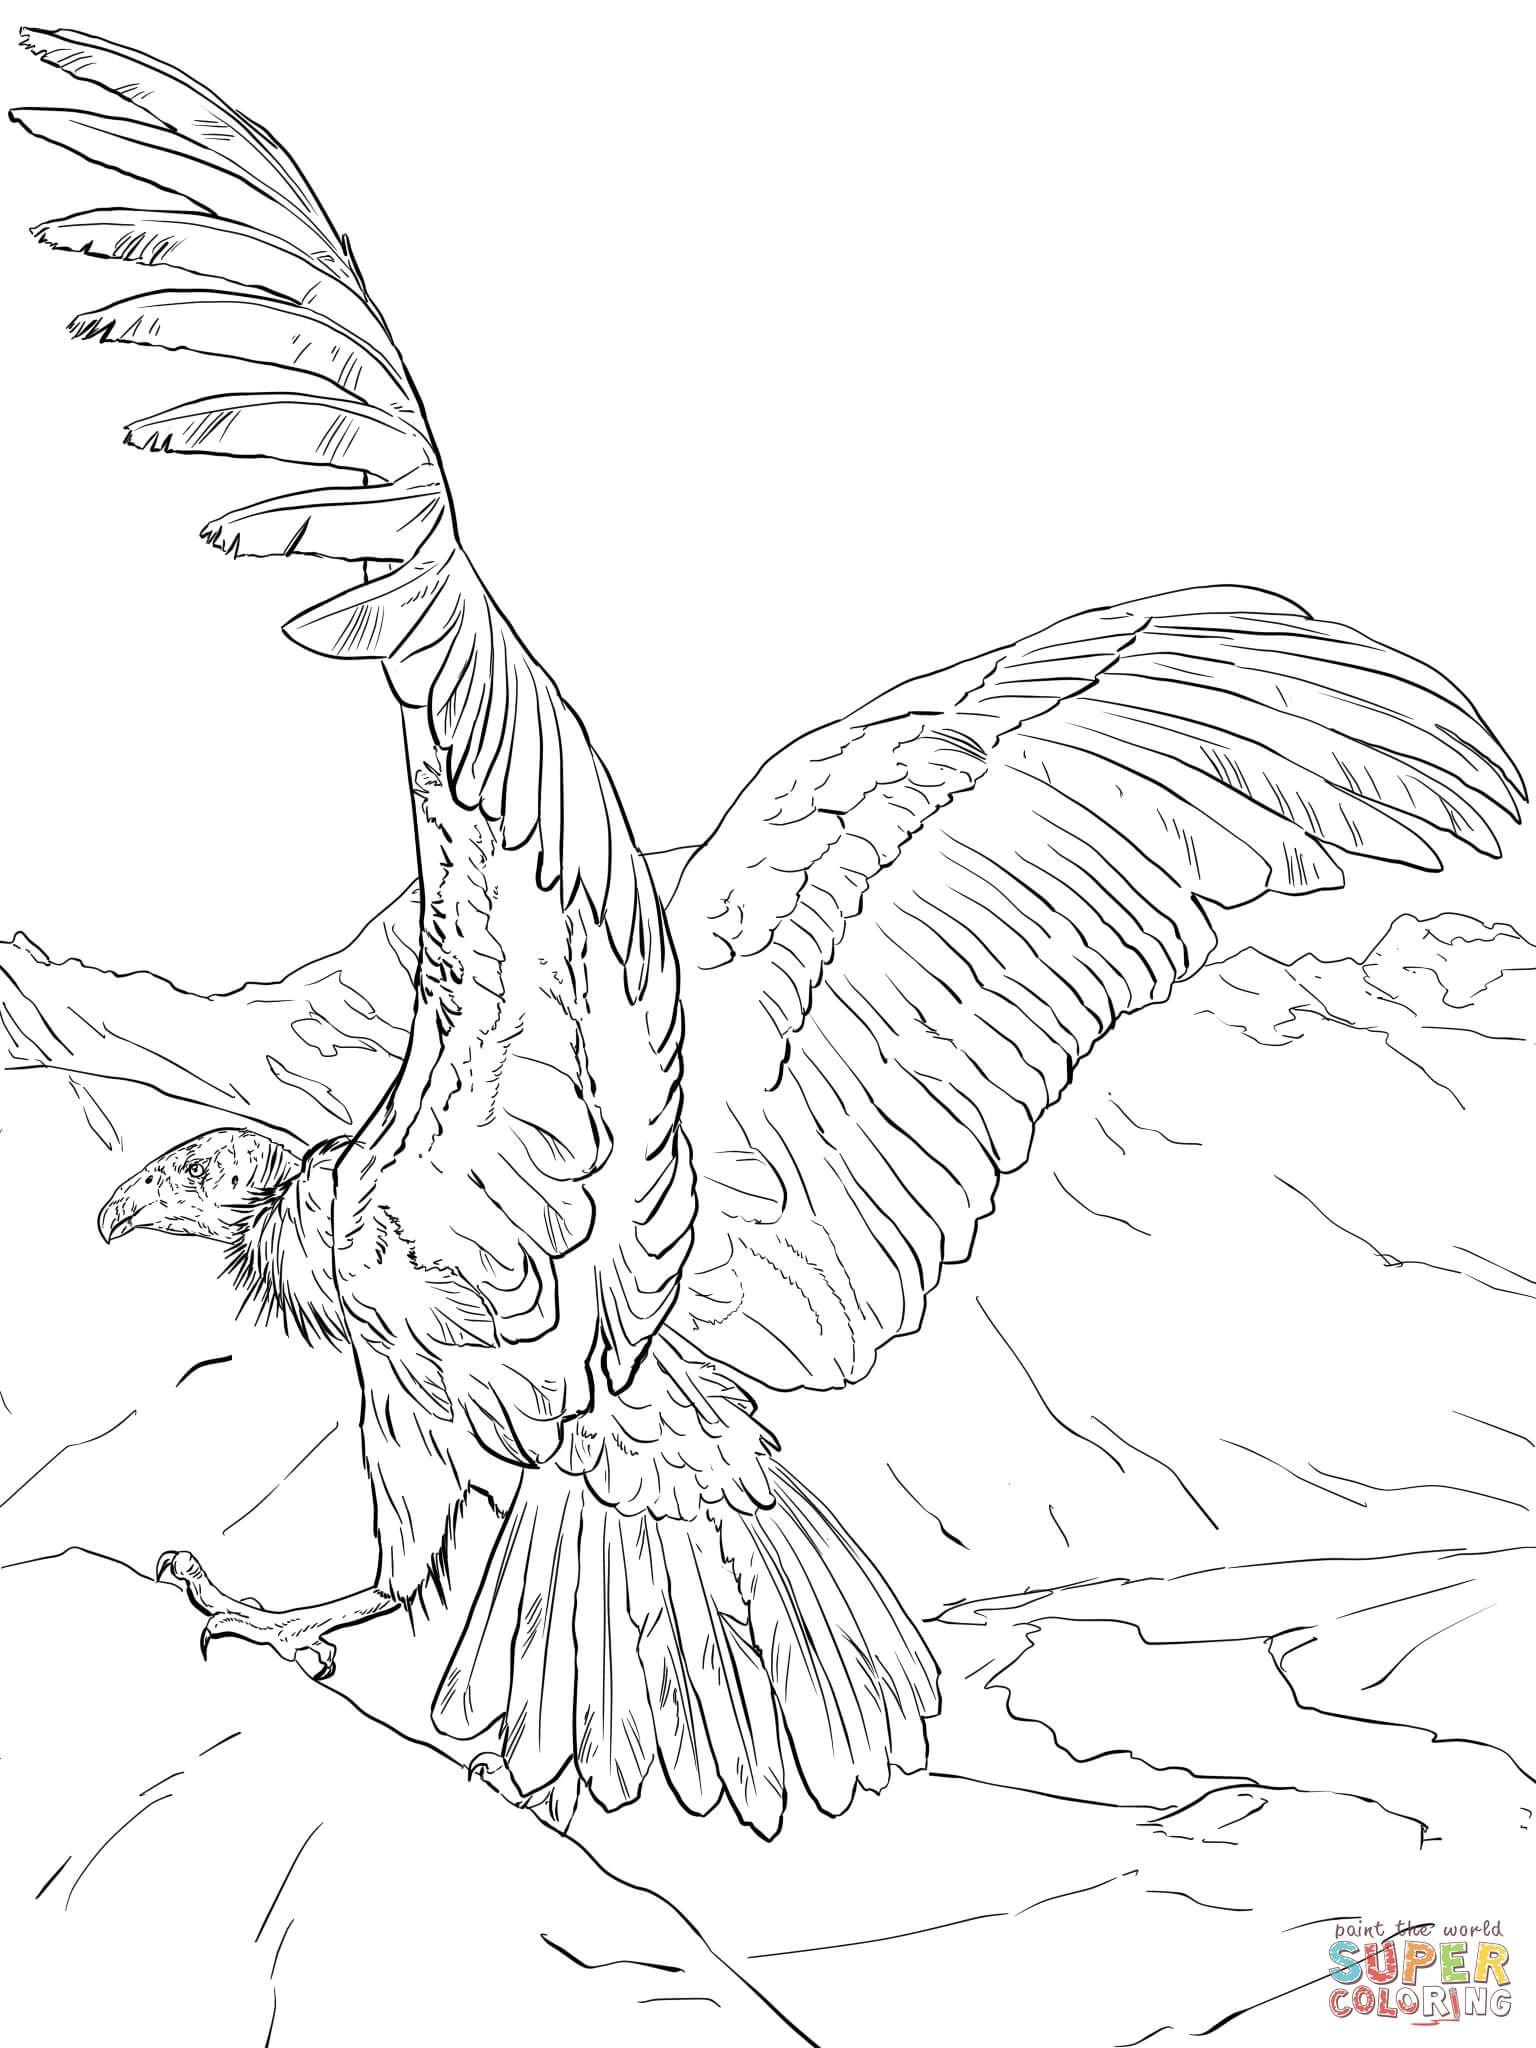 Cóndor andino | Super Coloring | dibujos | Pinterest | Cóndor andino ...